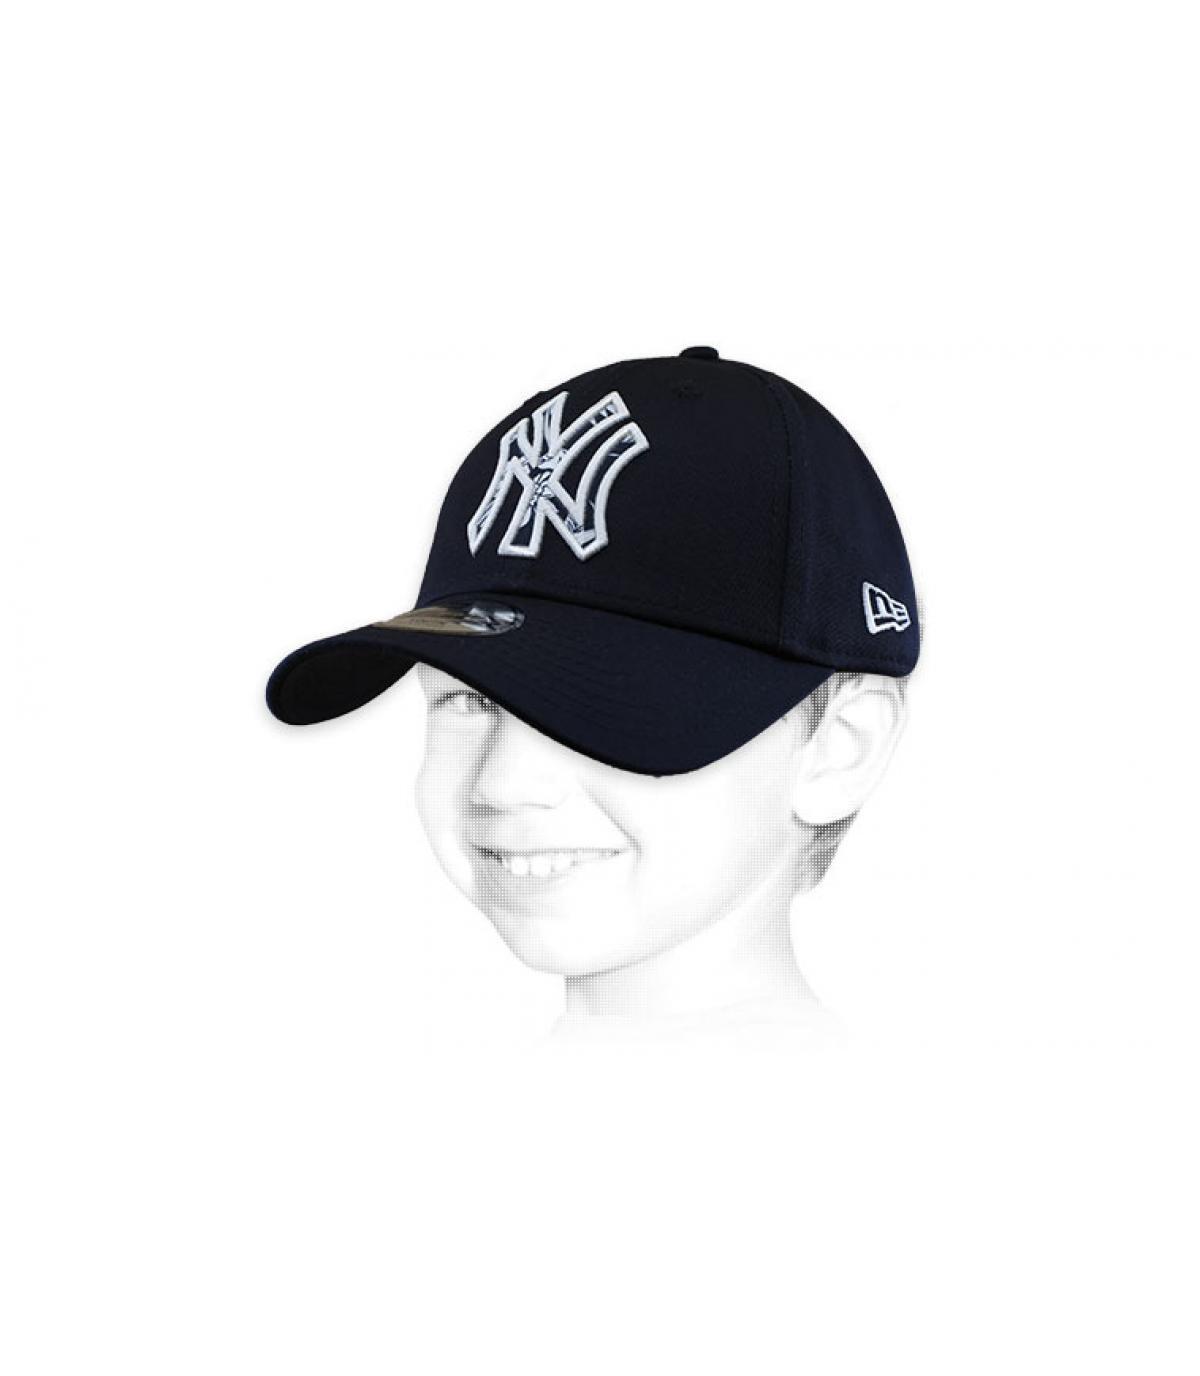 cappellino NY blu